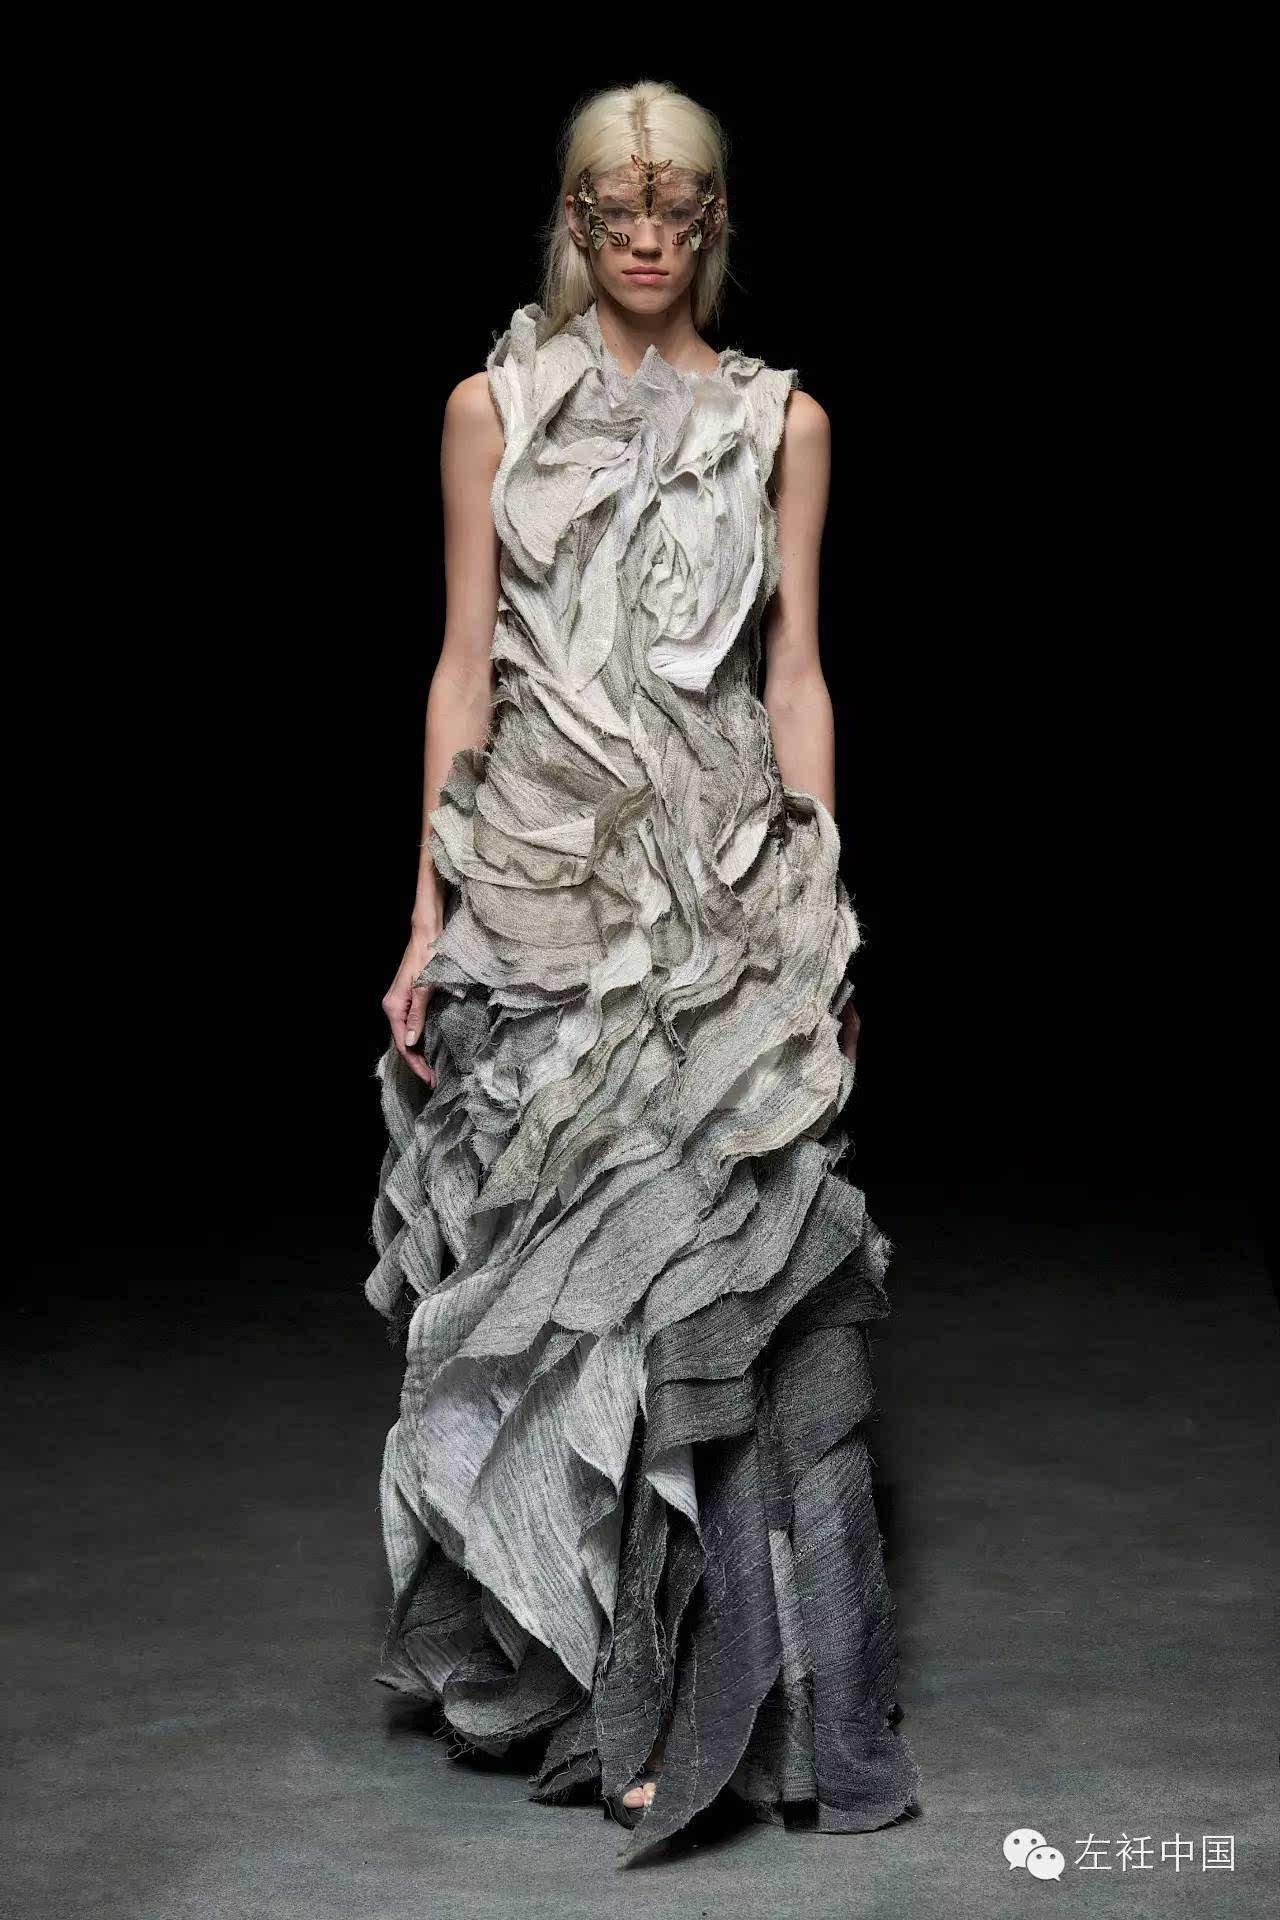 除了三宅一生,还有殷亦晴的褶皱也美到炸裂!令人叹服于织物的魅力